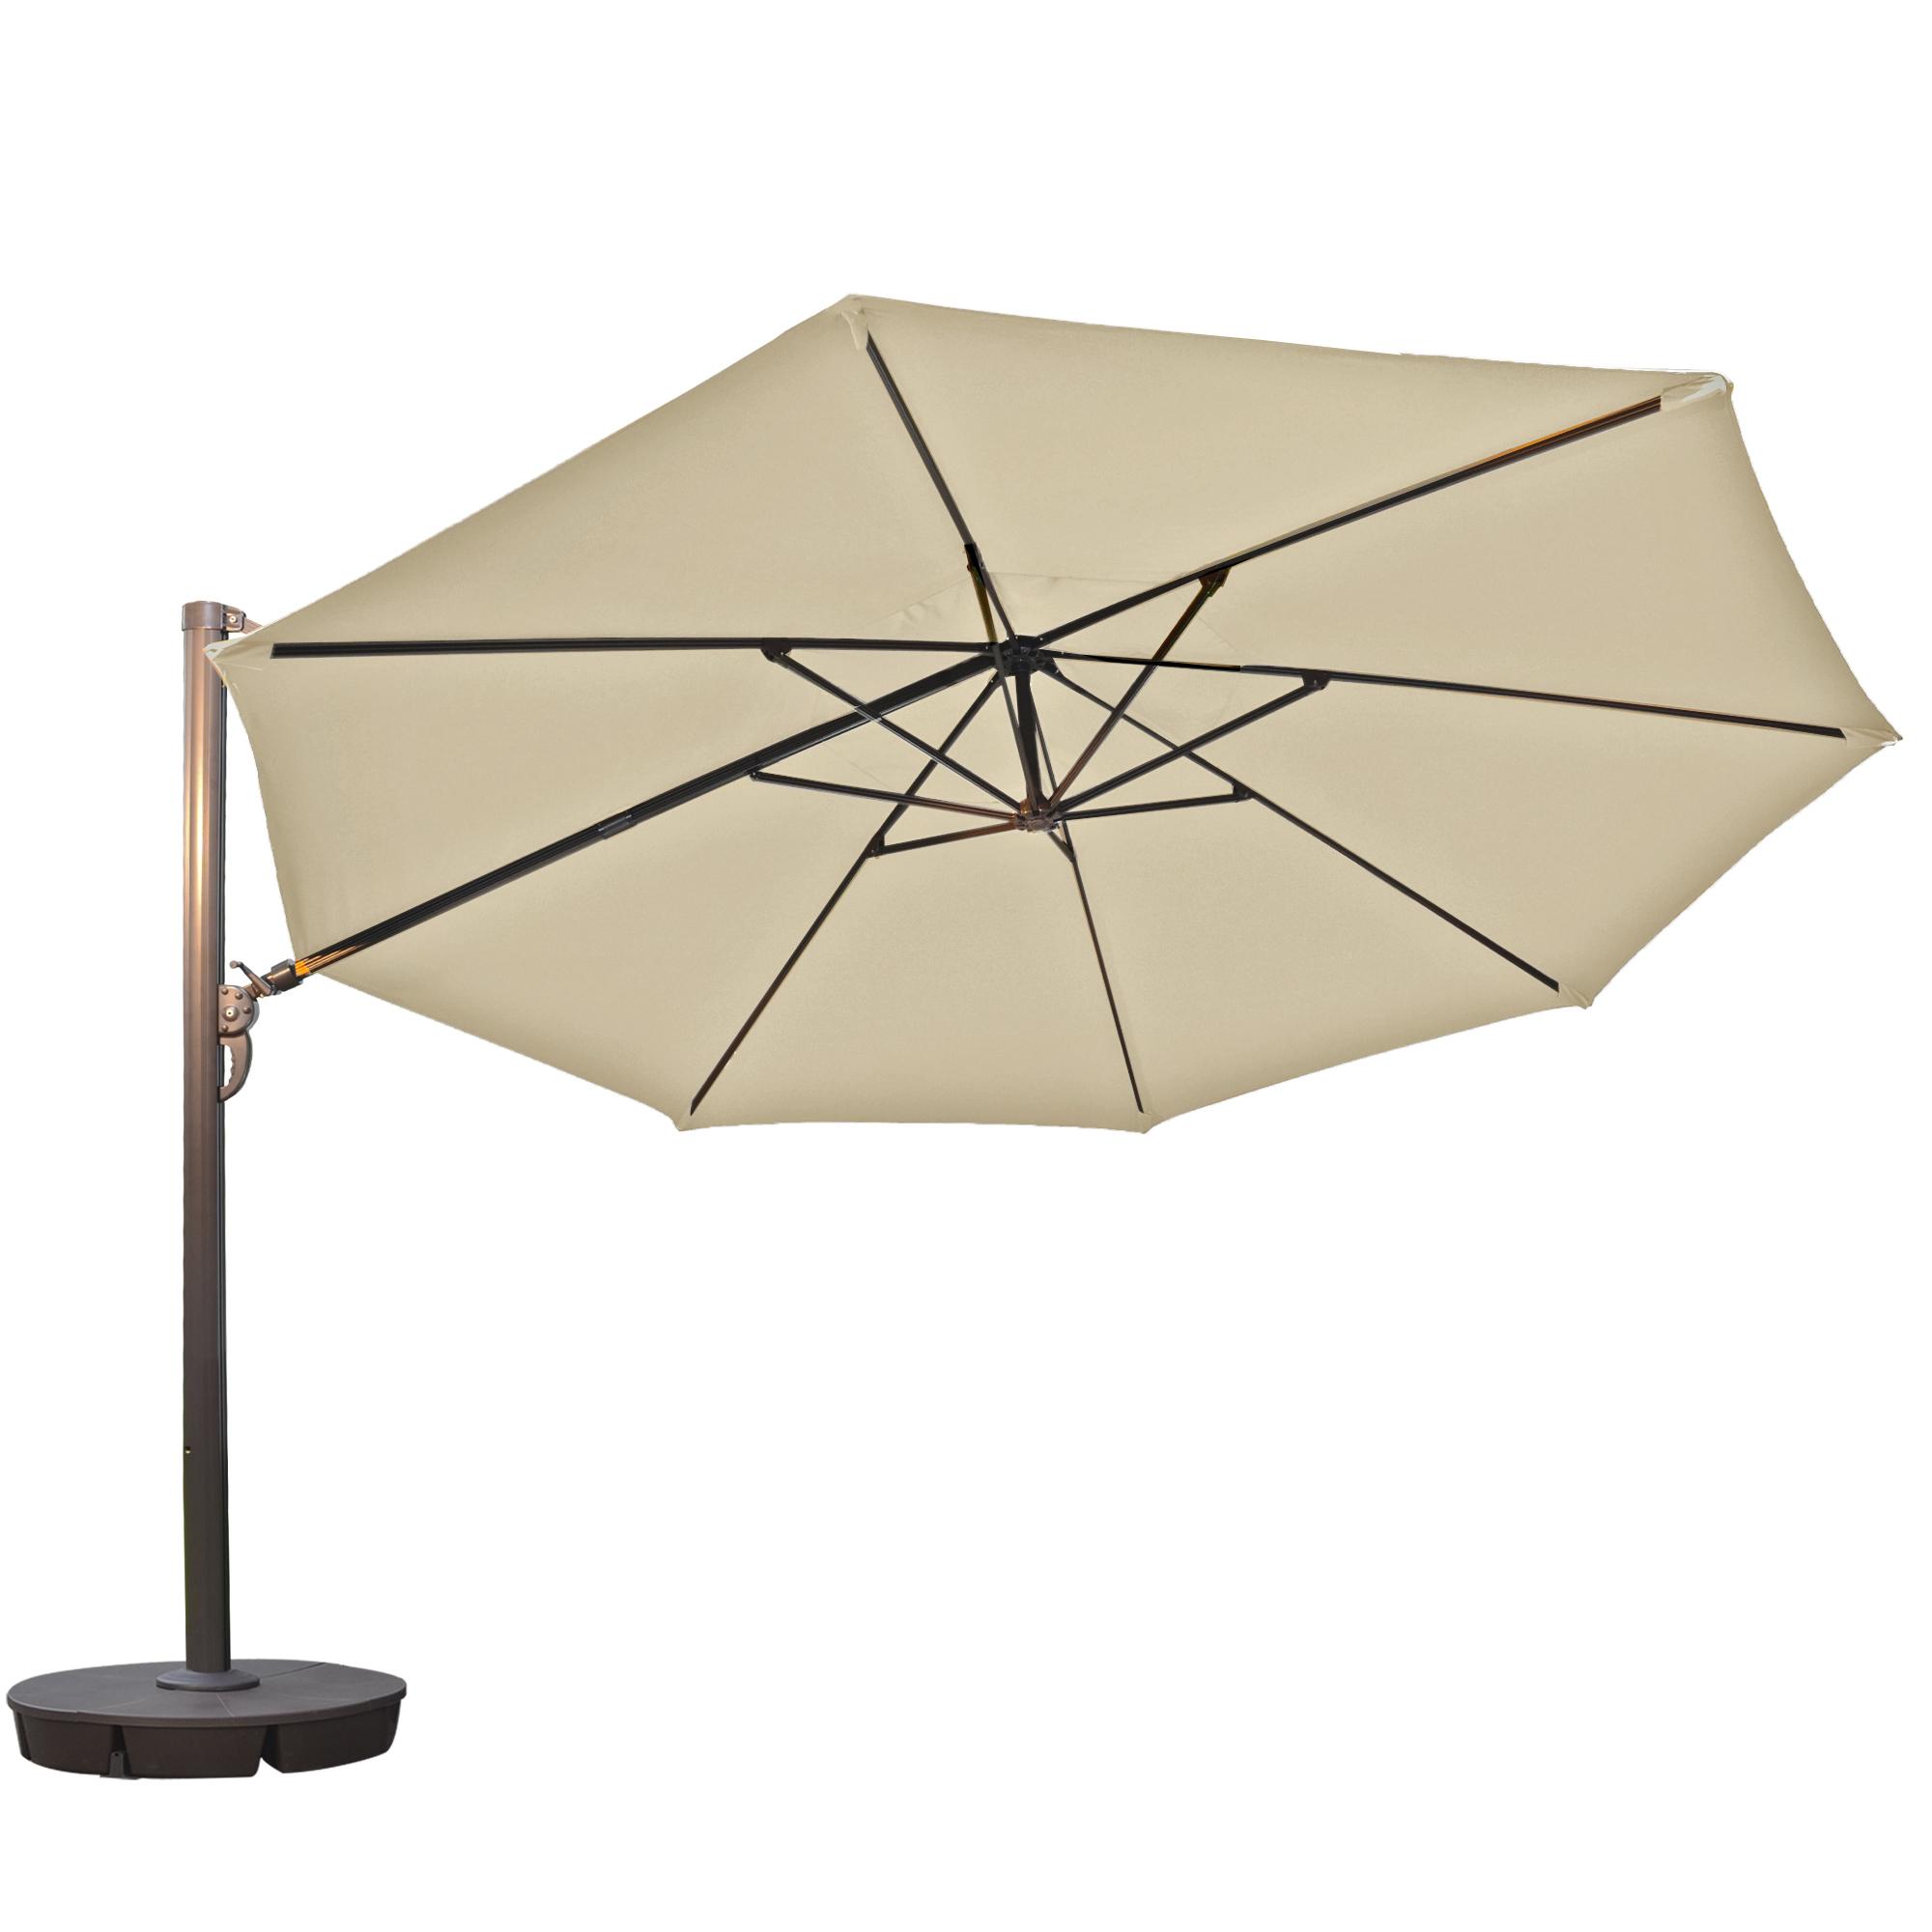 Island Umbrella Victoria 13ft Octagonal Cantilever Patio Umbrella